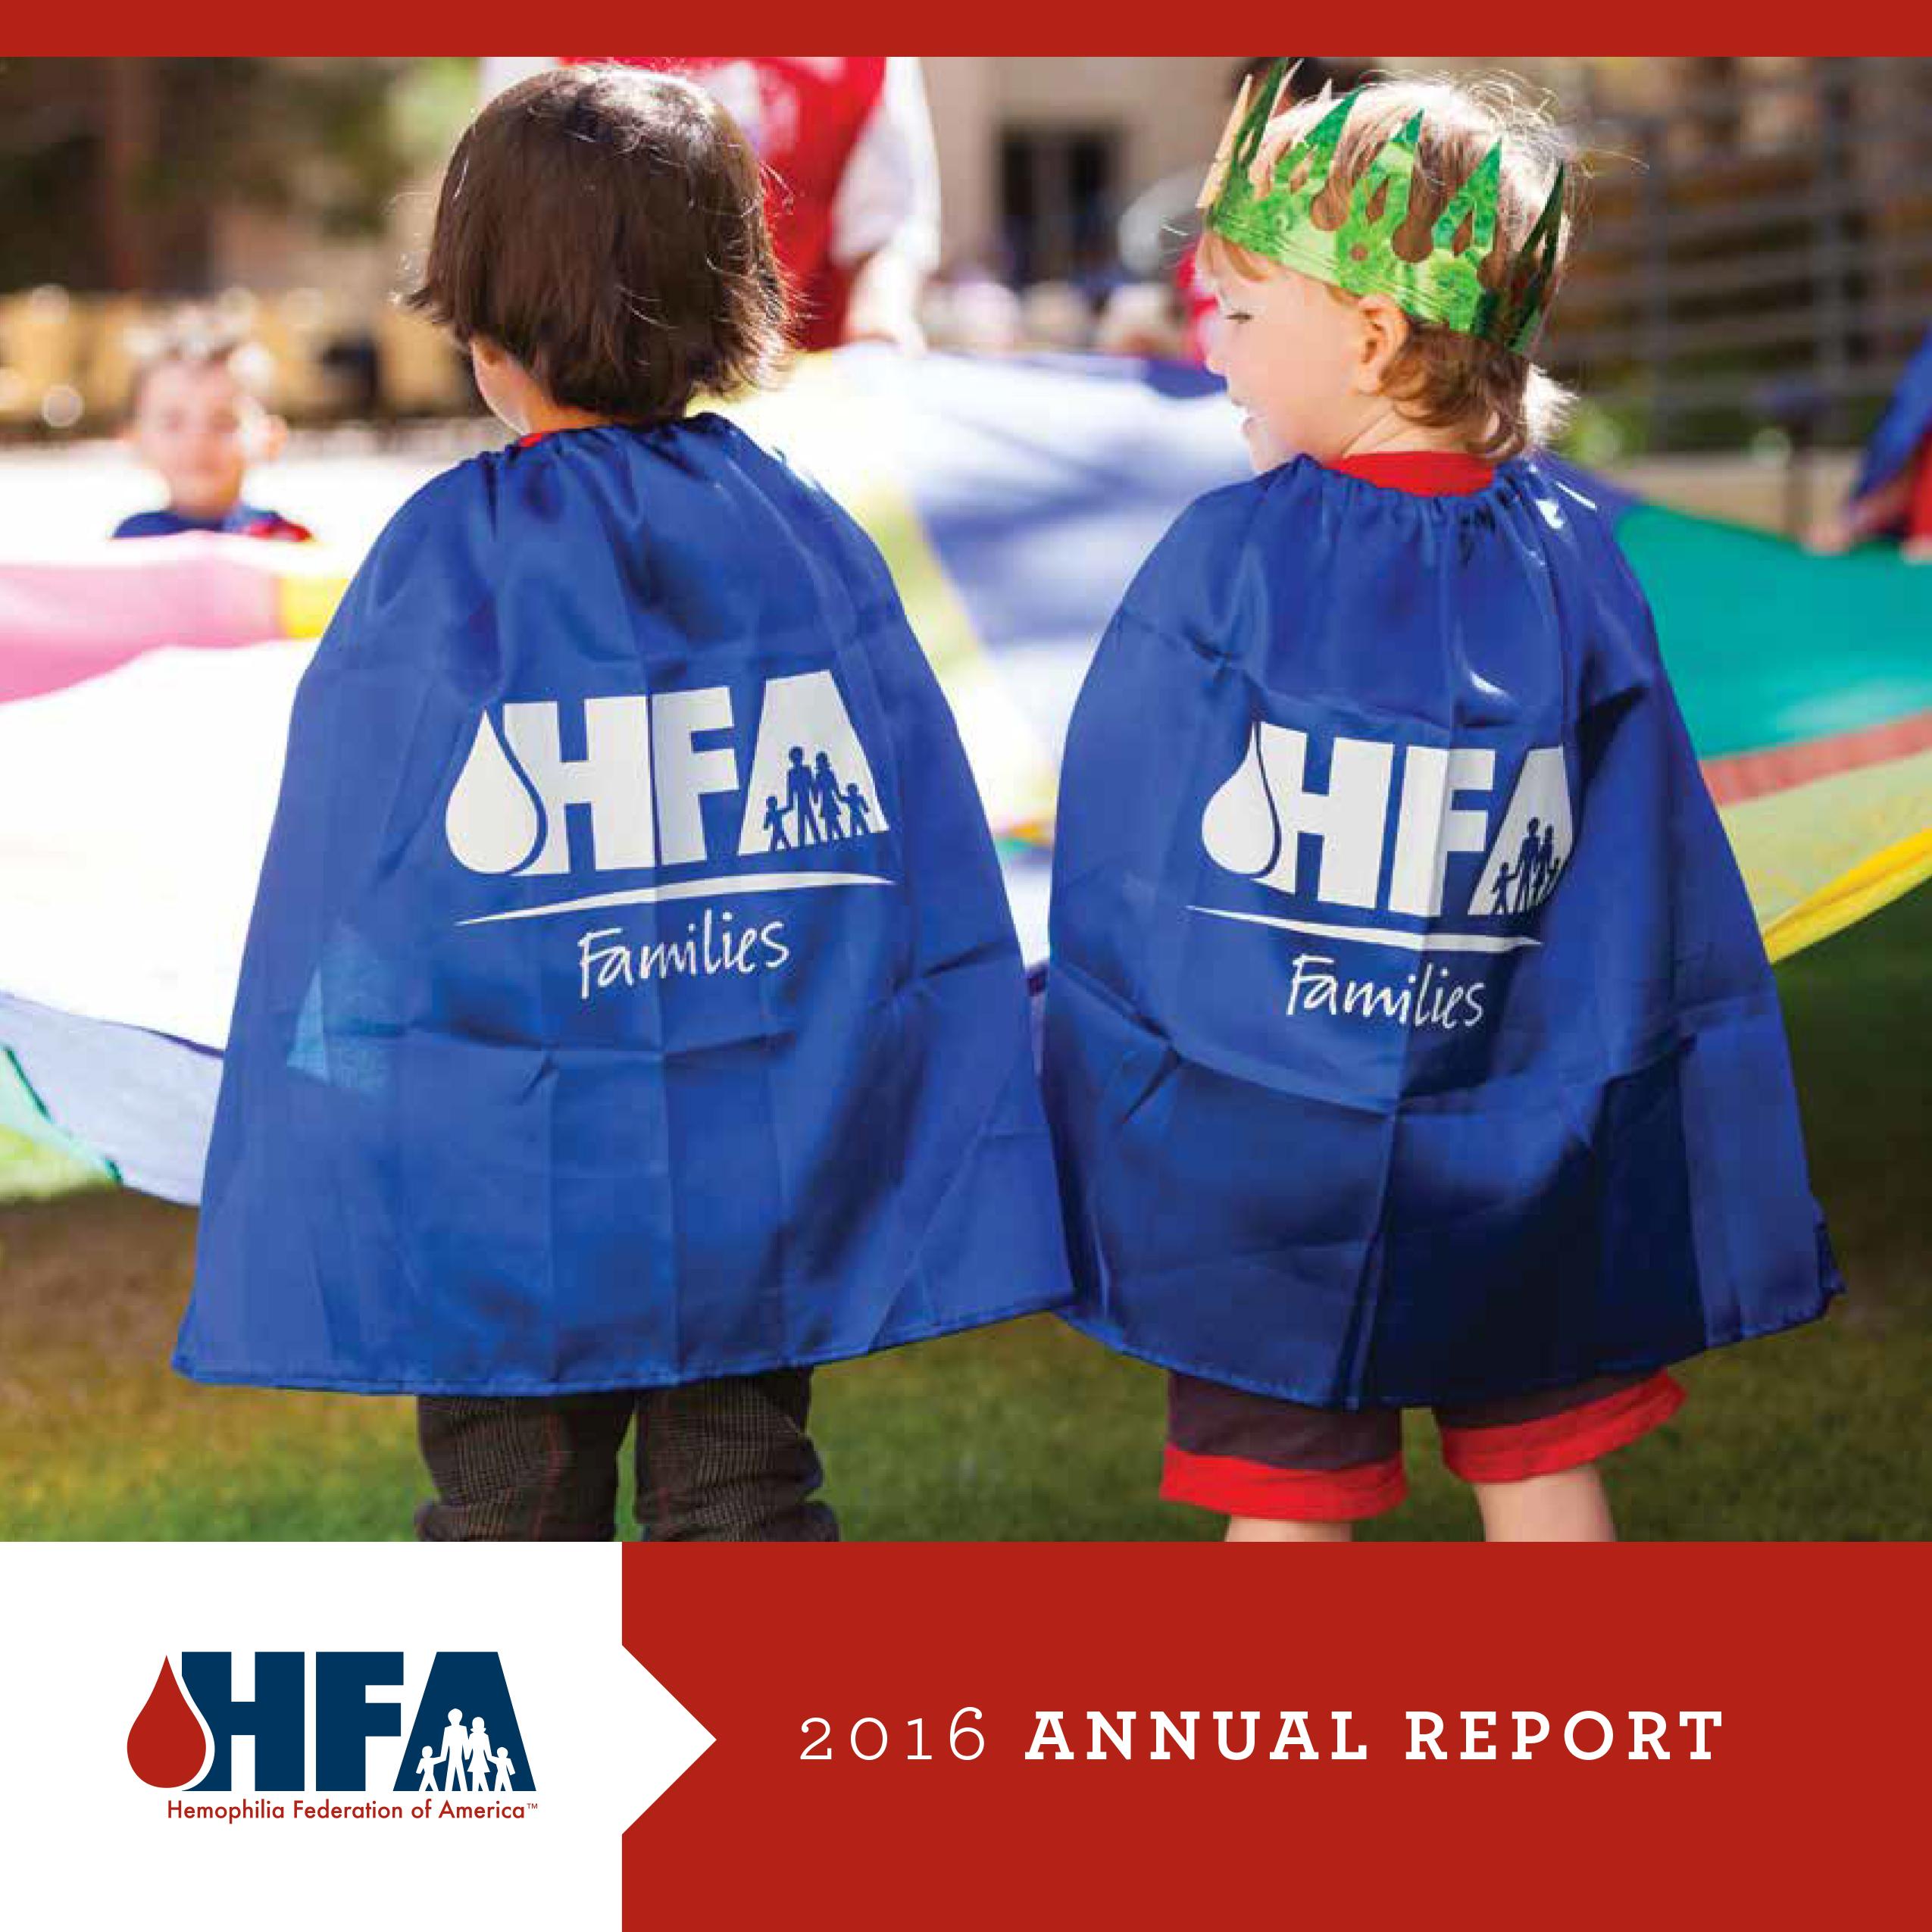 HFA Annual Report 2016